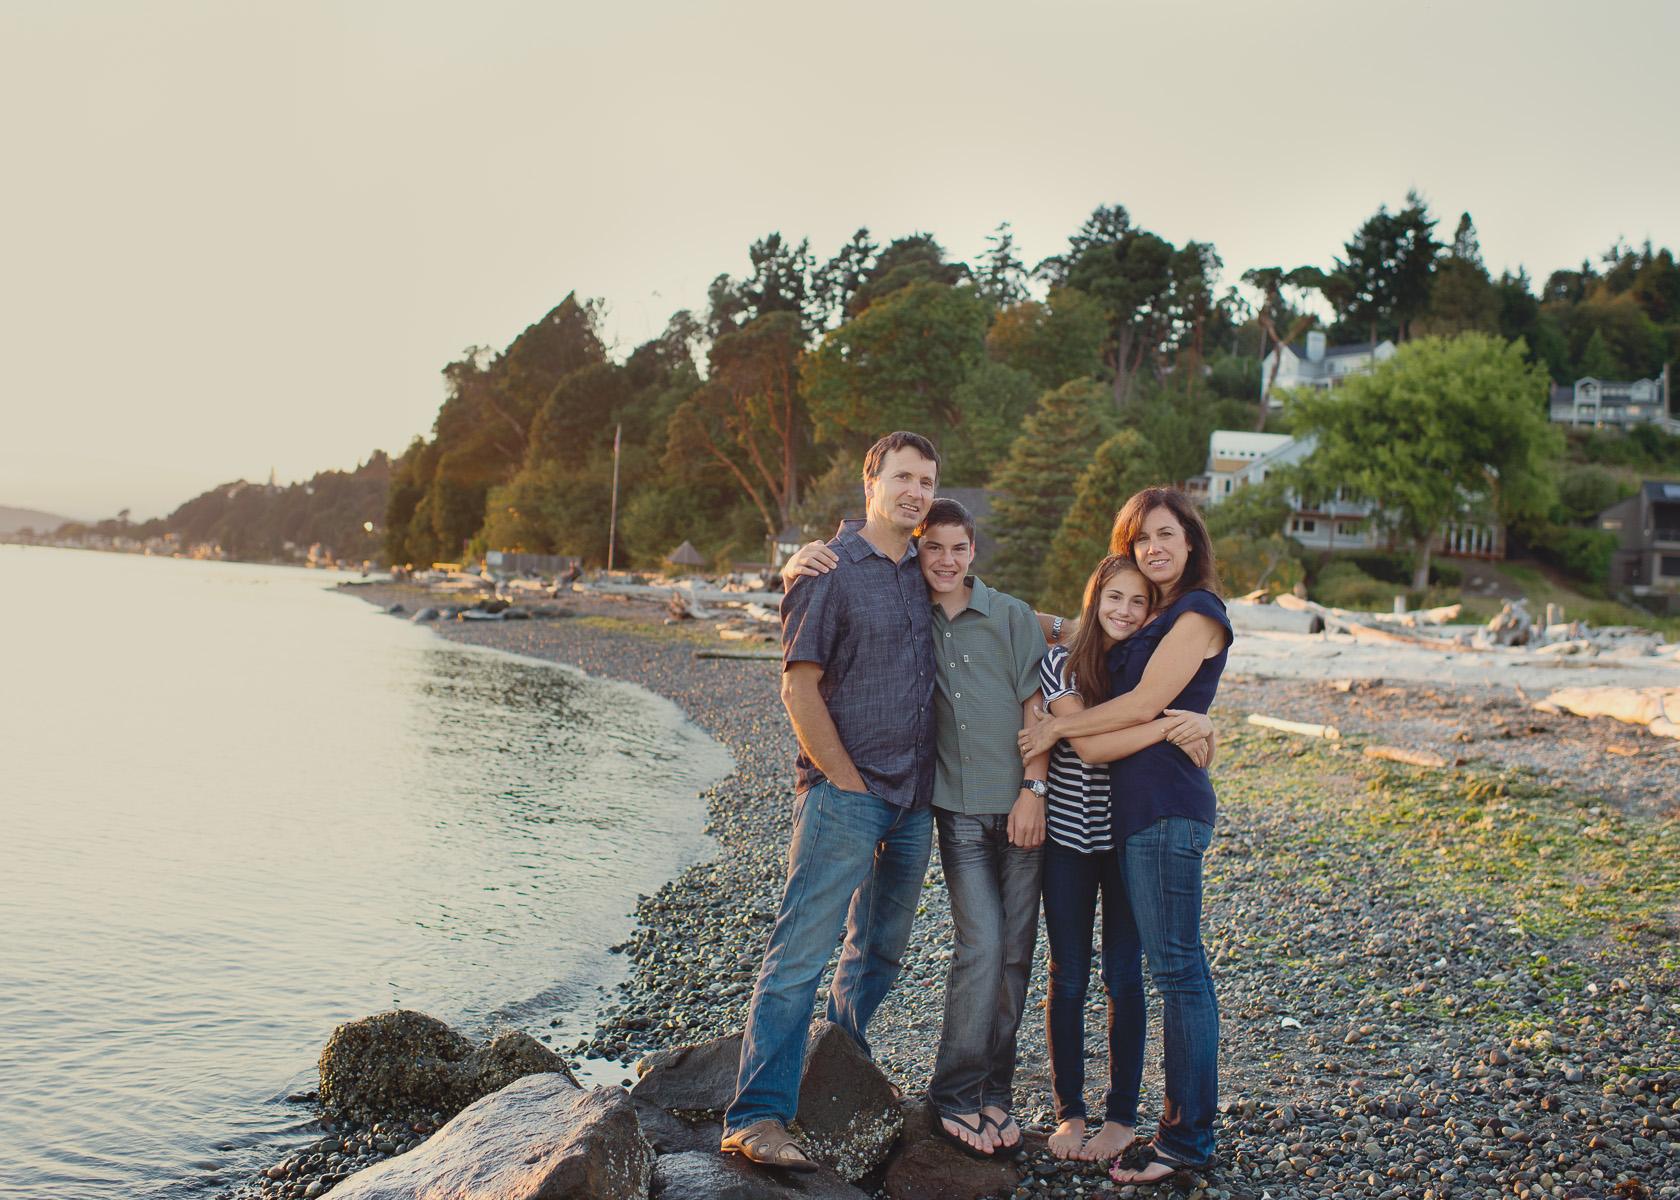 seattle-family-photograper-13.jpg